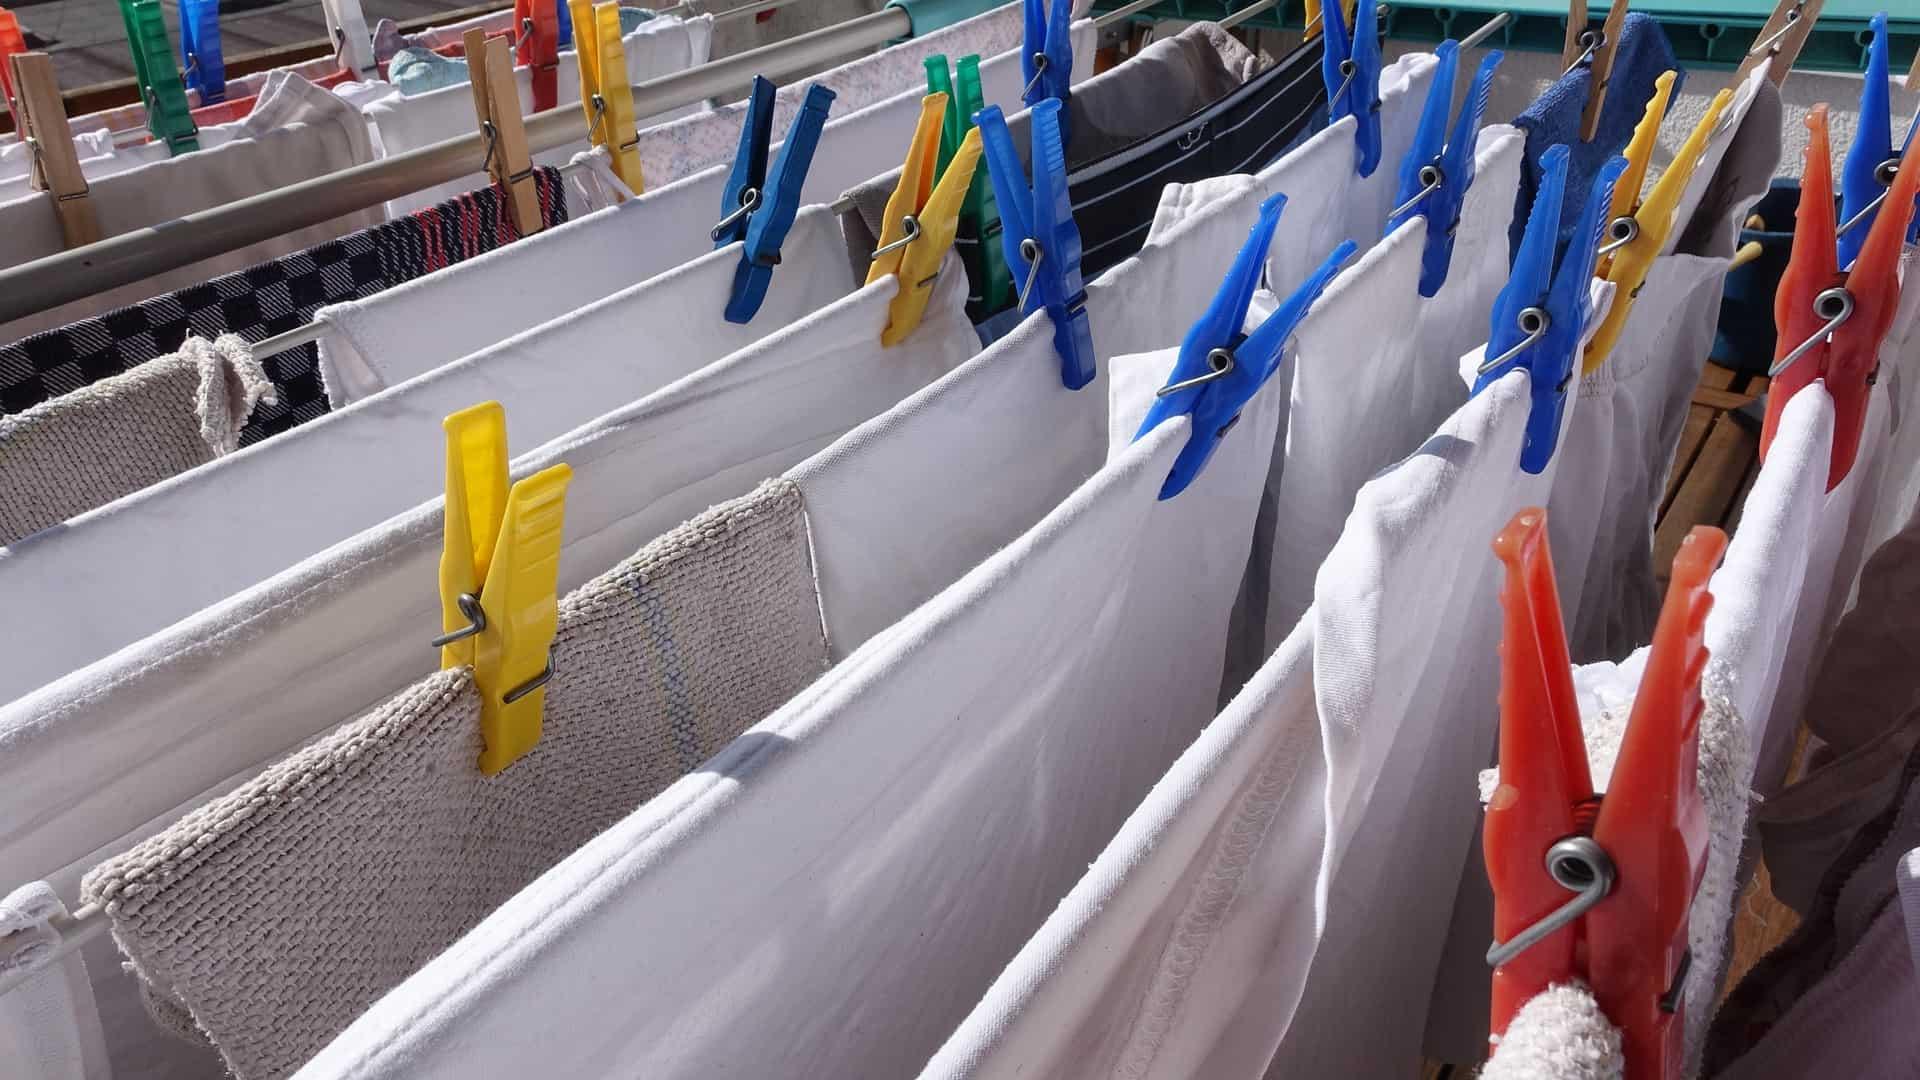 Imagem mostra um varal com várias peças de roupa penduradas com grampos.